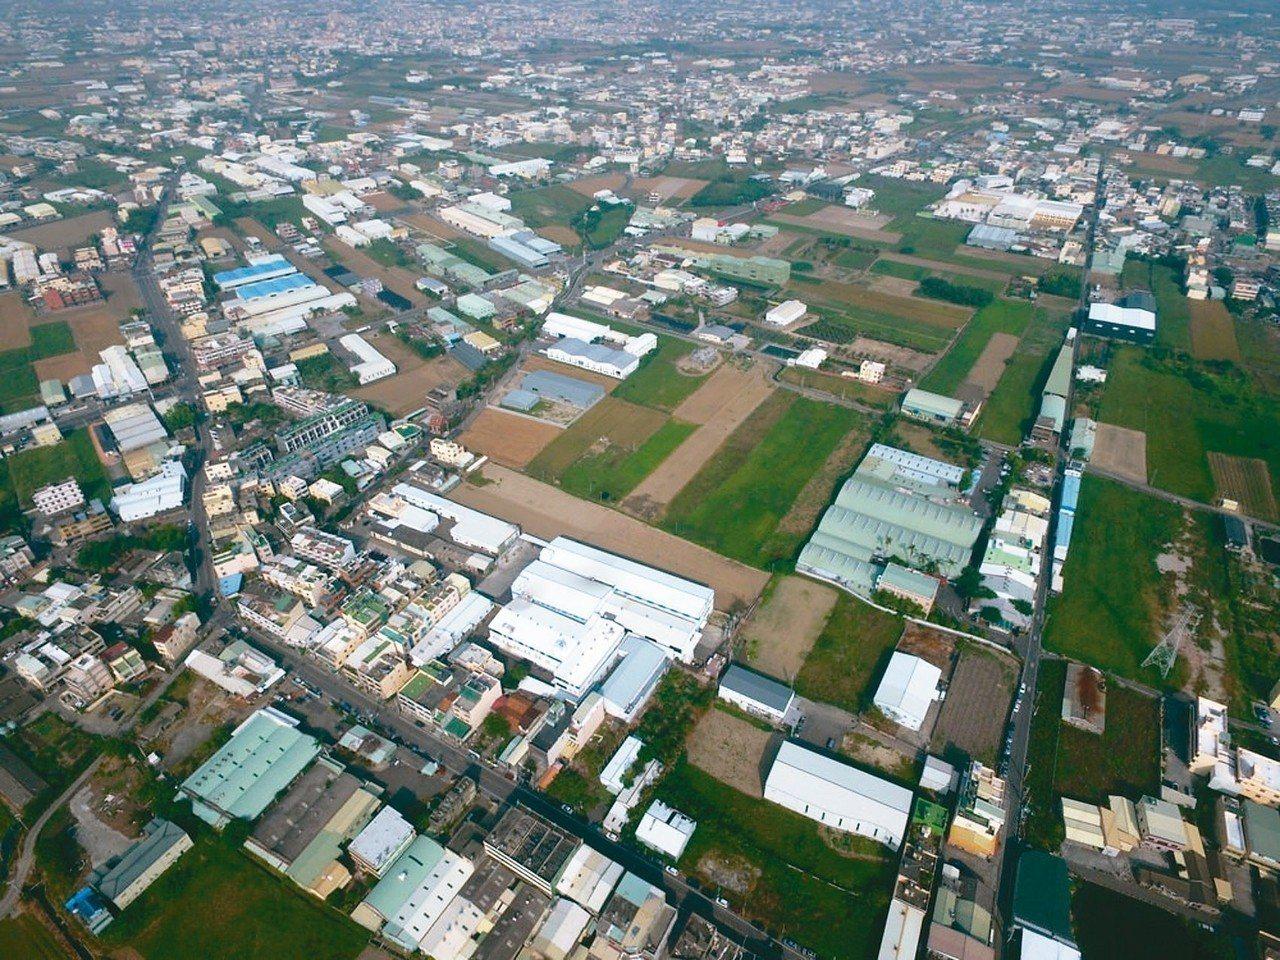 彰化縣農地工廠如何處理成為縣府的燙手山芋。 圖/彰化縣環保聯盟提供